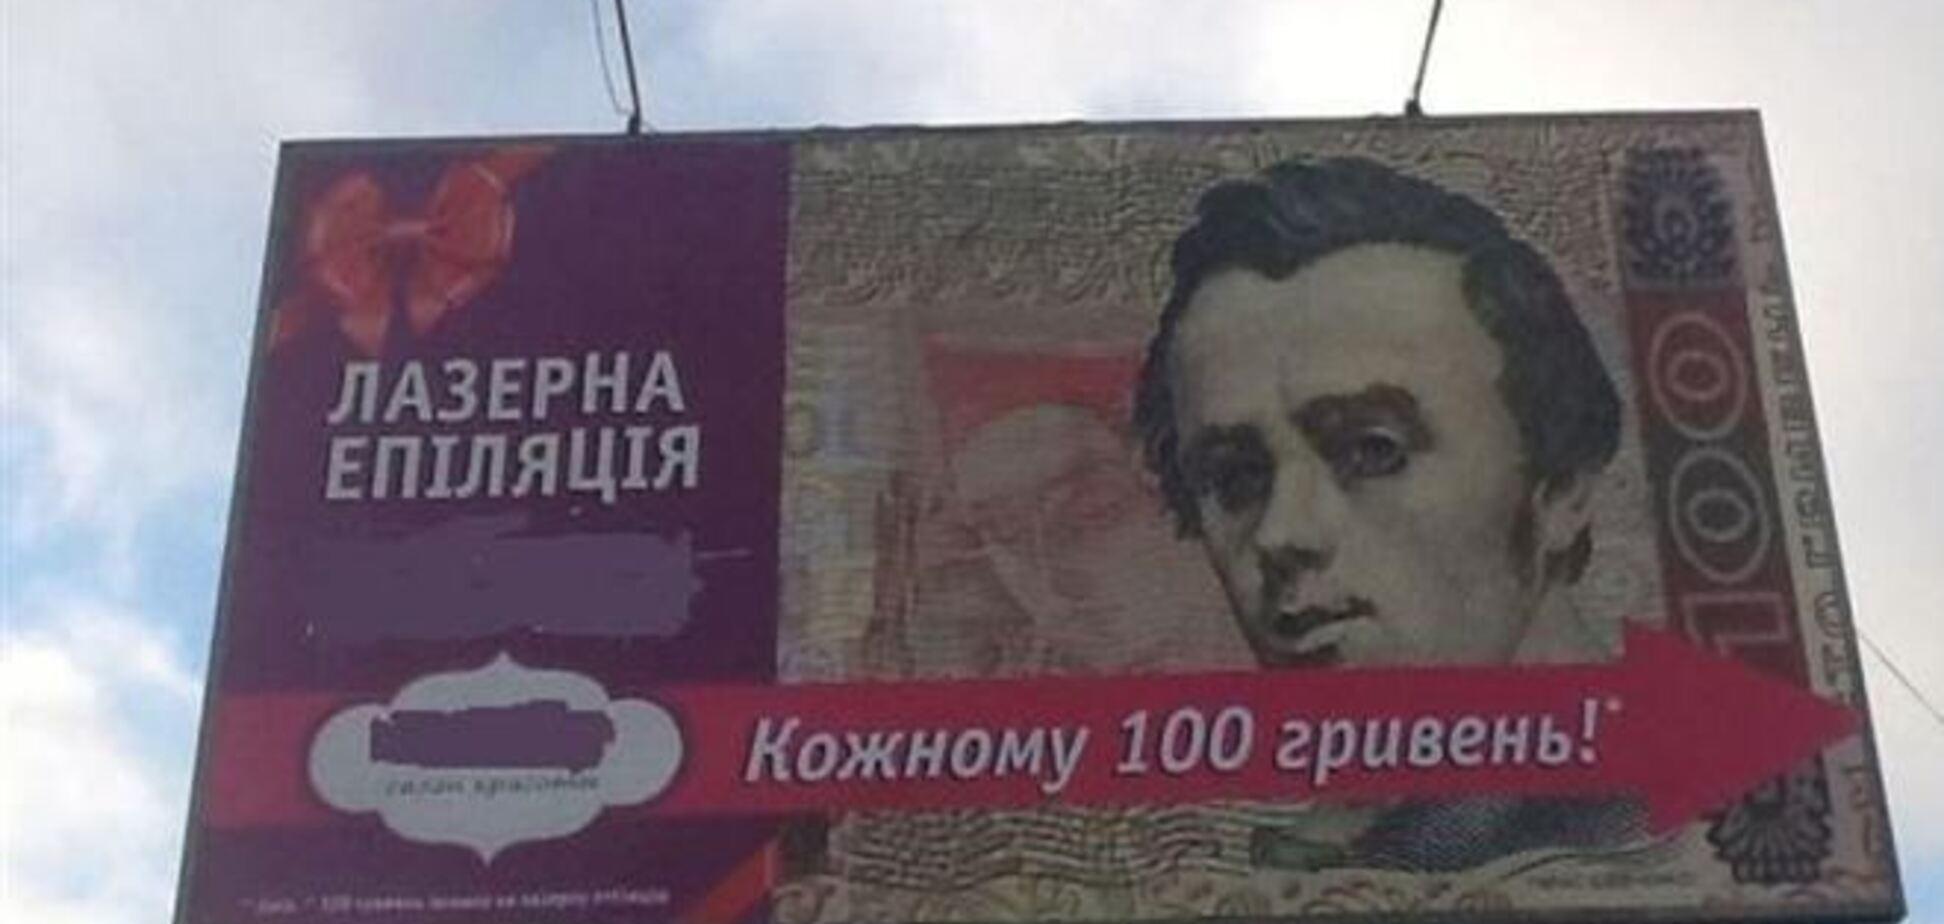 Кириленко возмутила реклама эпиляции с Тарасом Шевченко